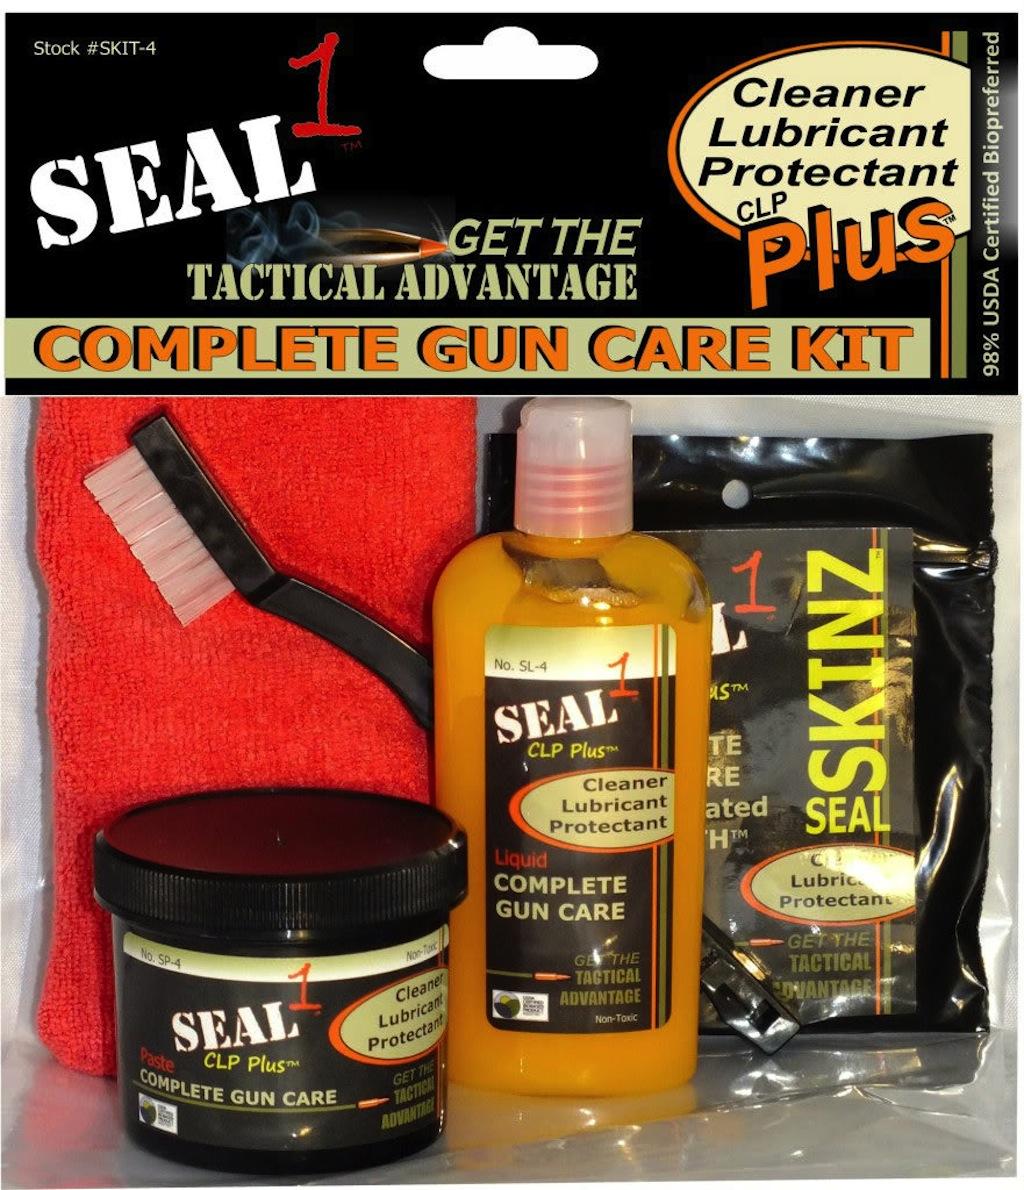 Seal1 pic 1